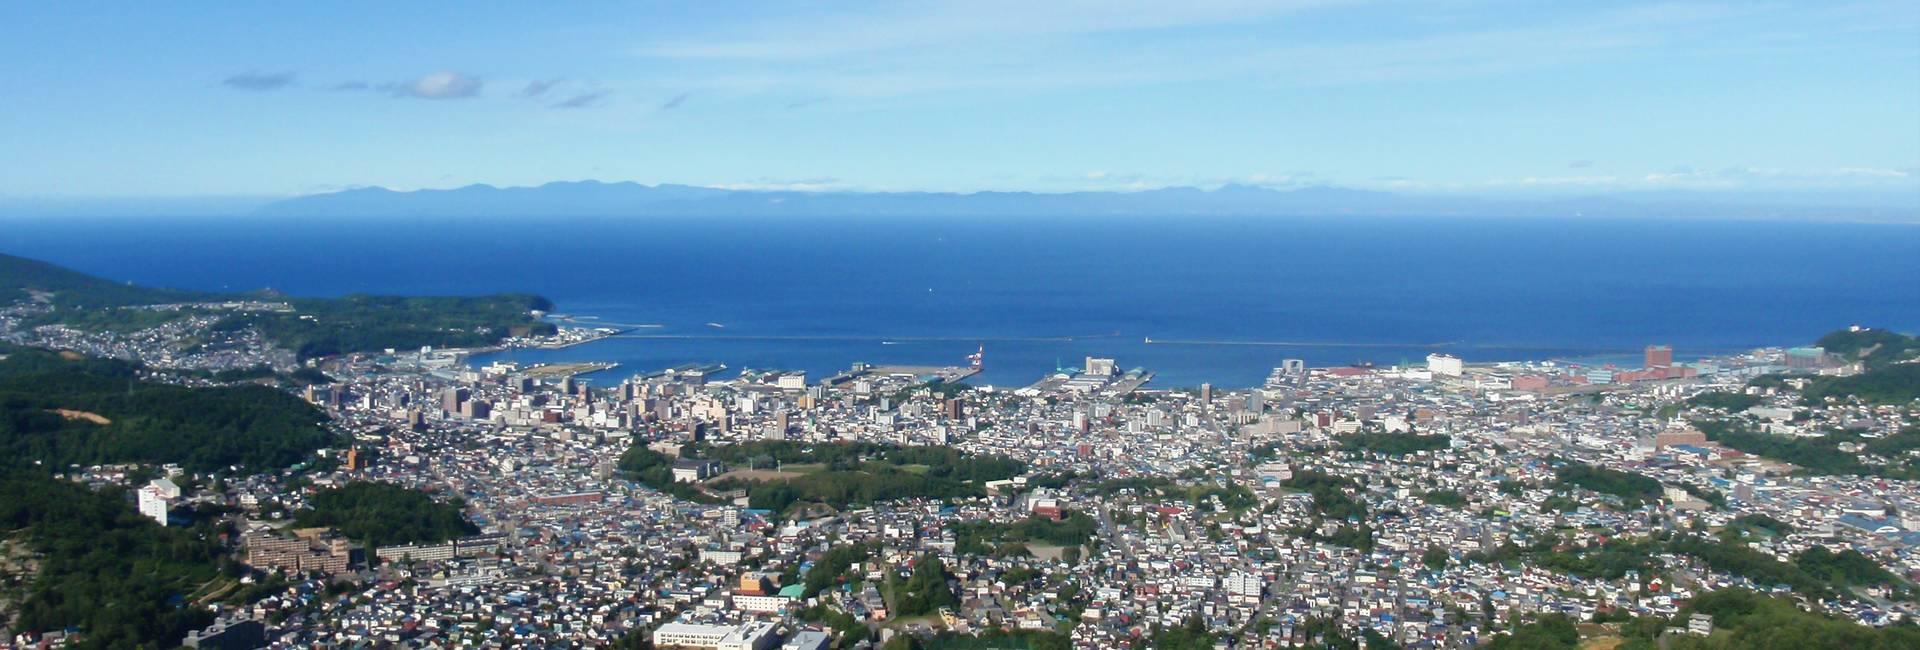 view of Otaru city